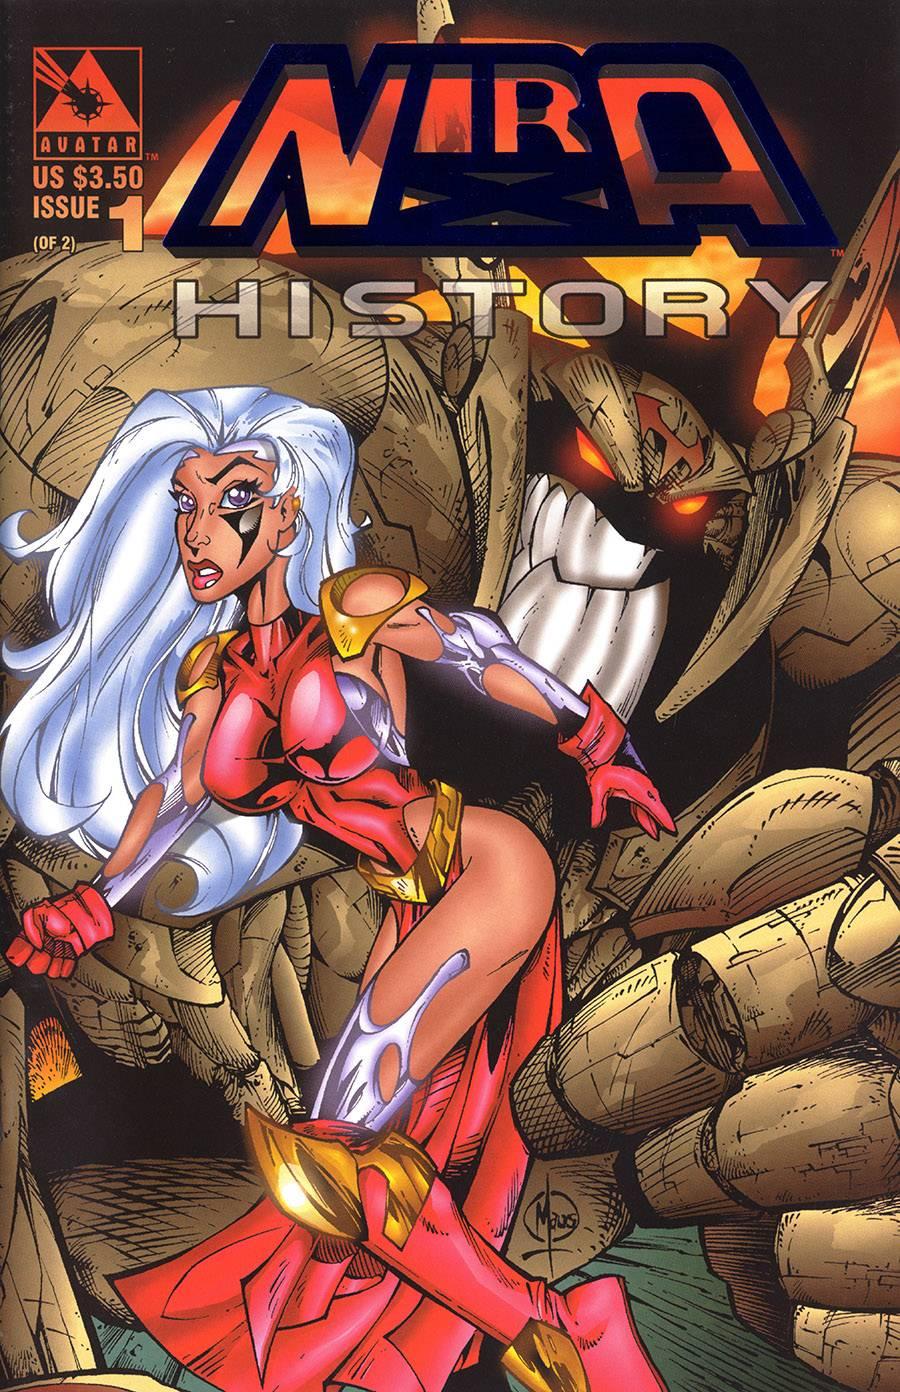 NIRA X HISTORY (1997) ROYAL BLUE VAR